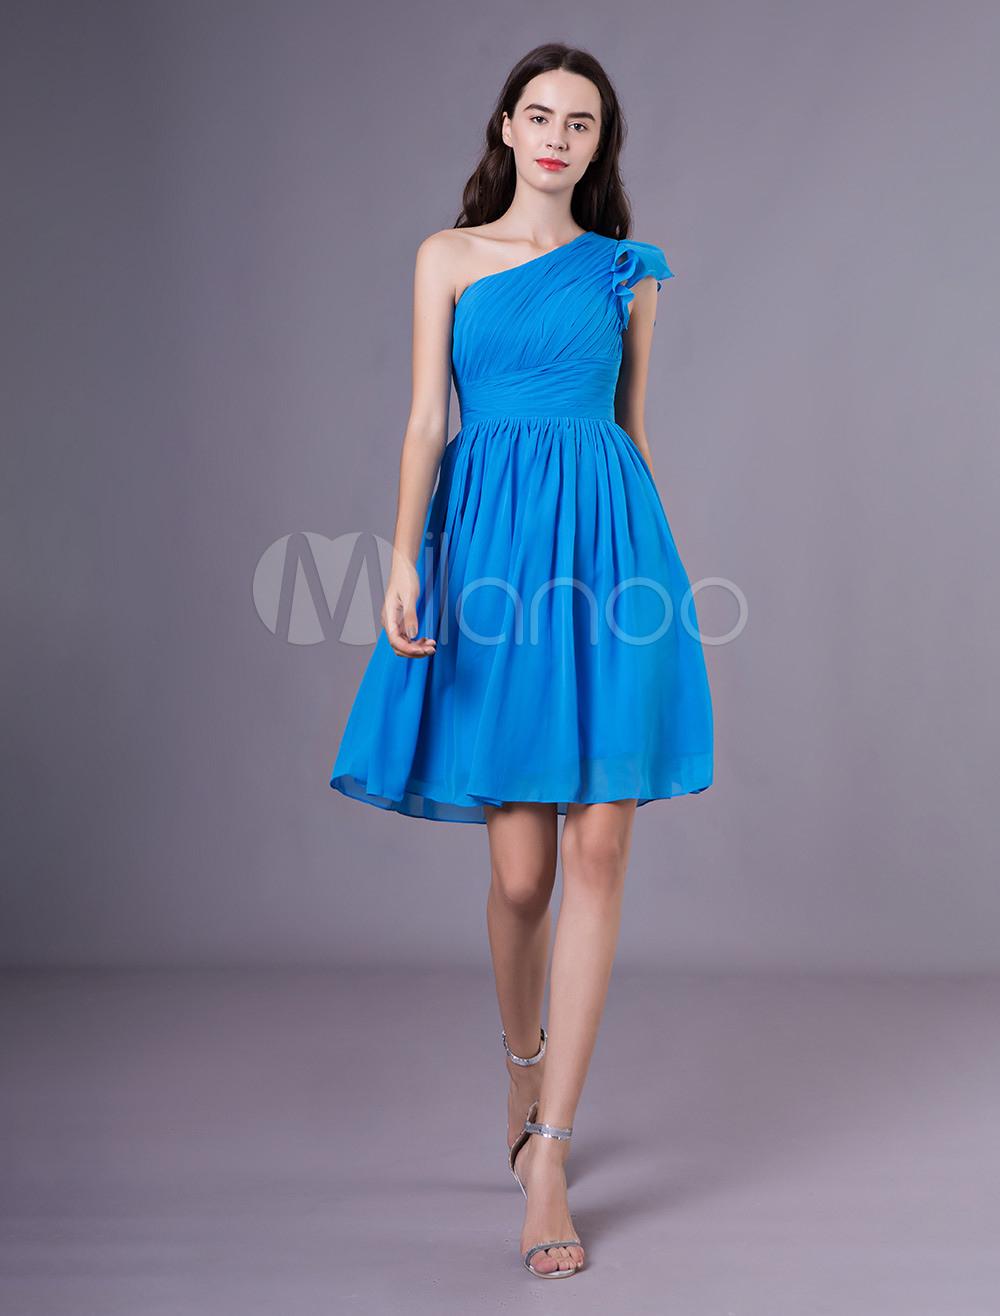 10 Schön Kleid Hochzeit Blau Design10 Coolste Kleid Hochzeit Blau Ärmel